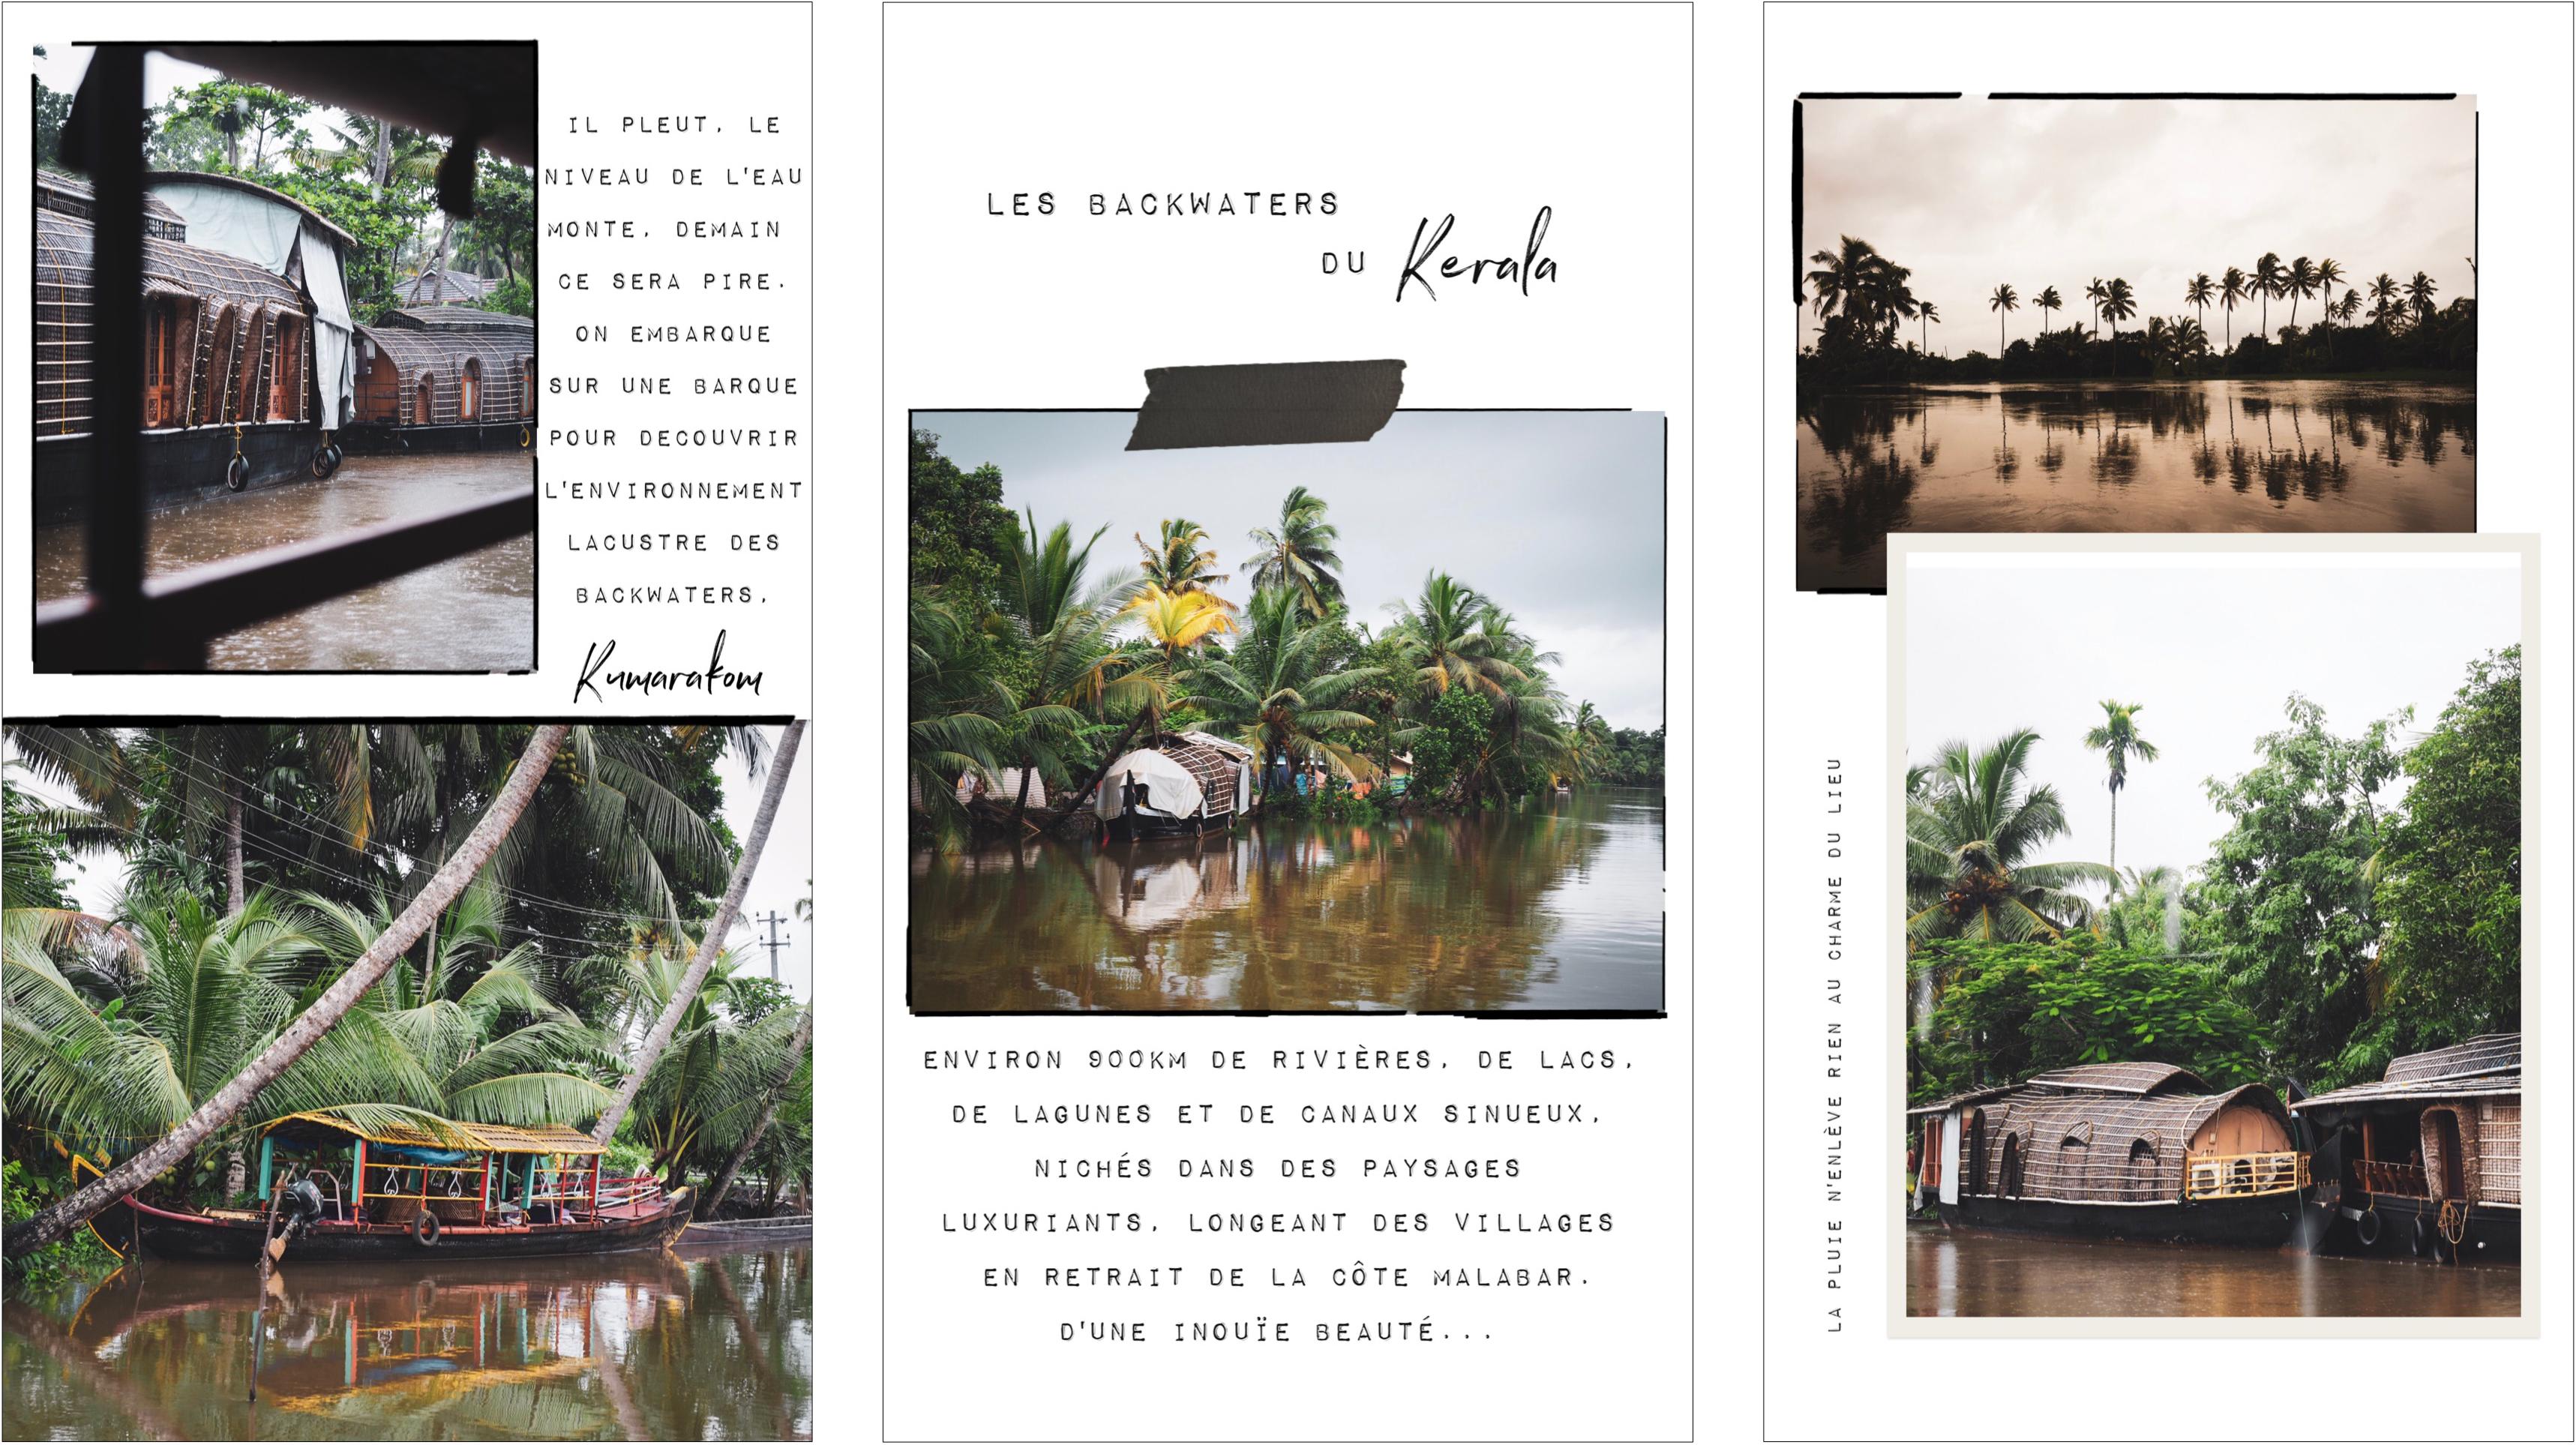 voyager au kerala - photos d'Inde - mousson au Kerala - découvrir les backwaters en Inde